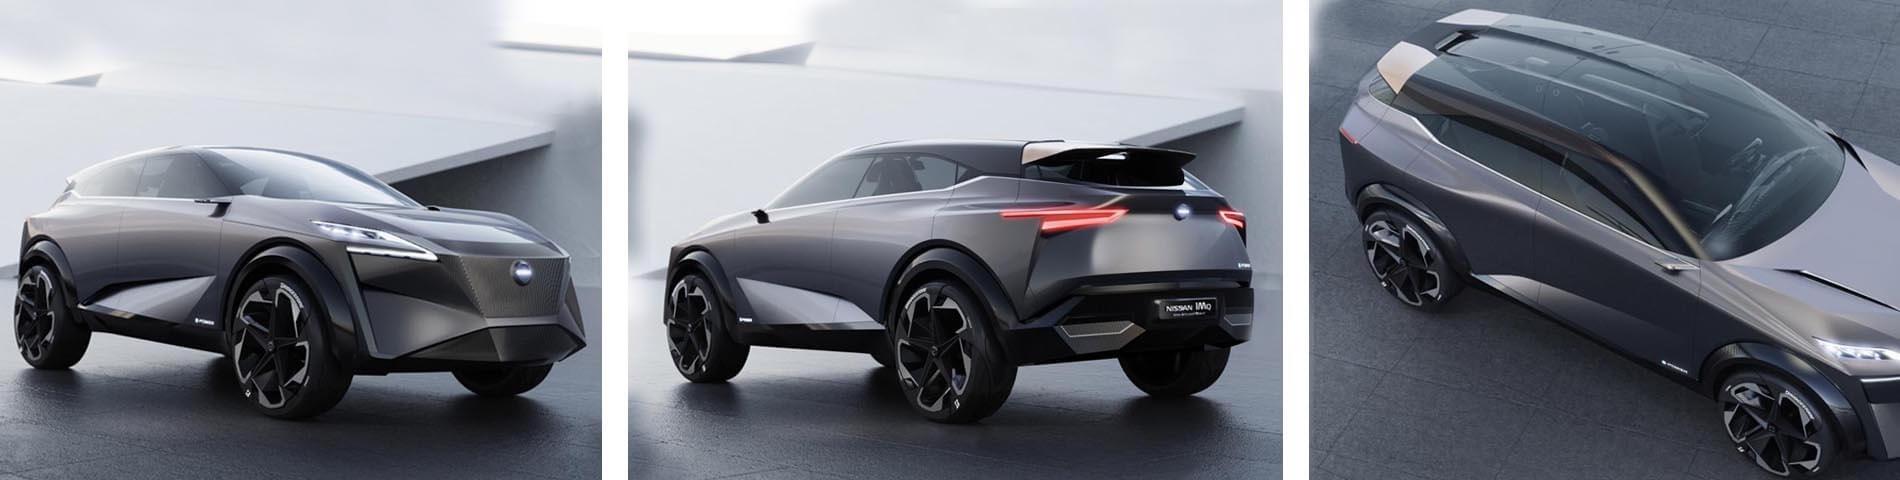 2021 Nissan IMQ